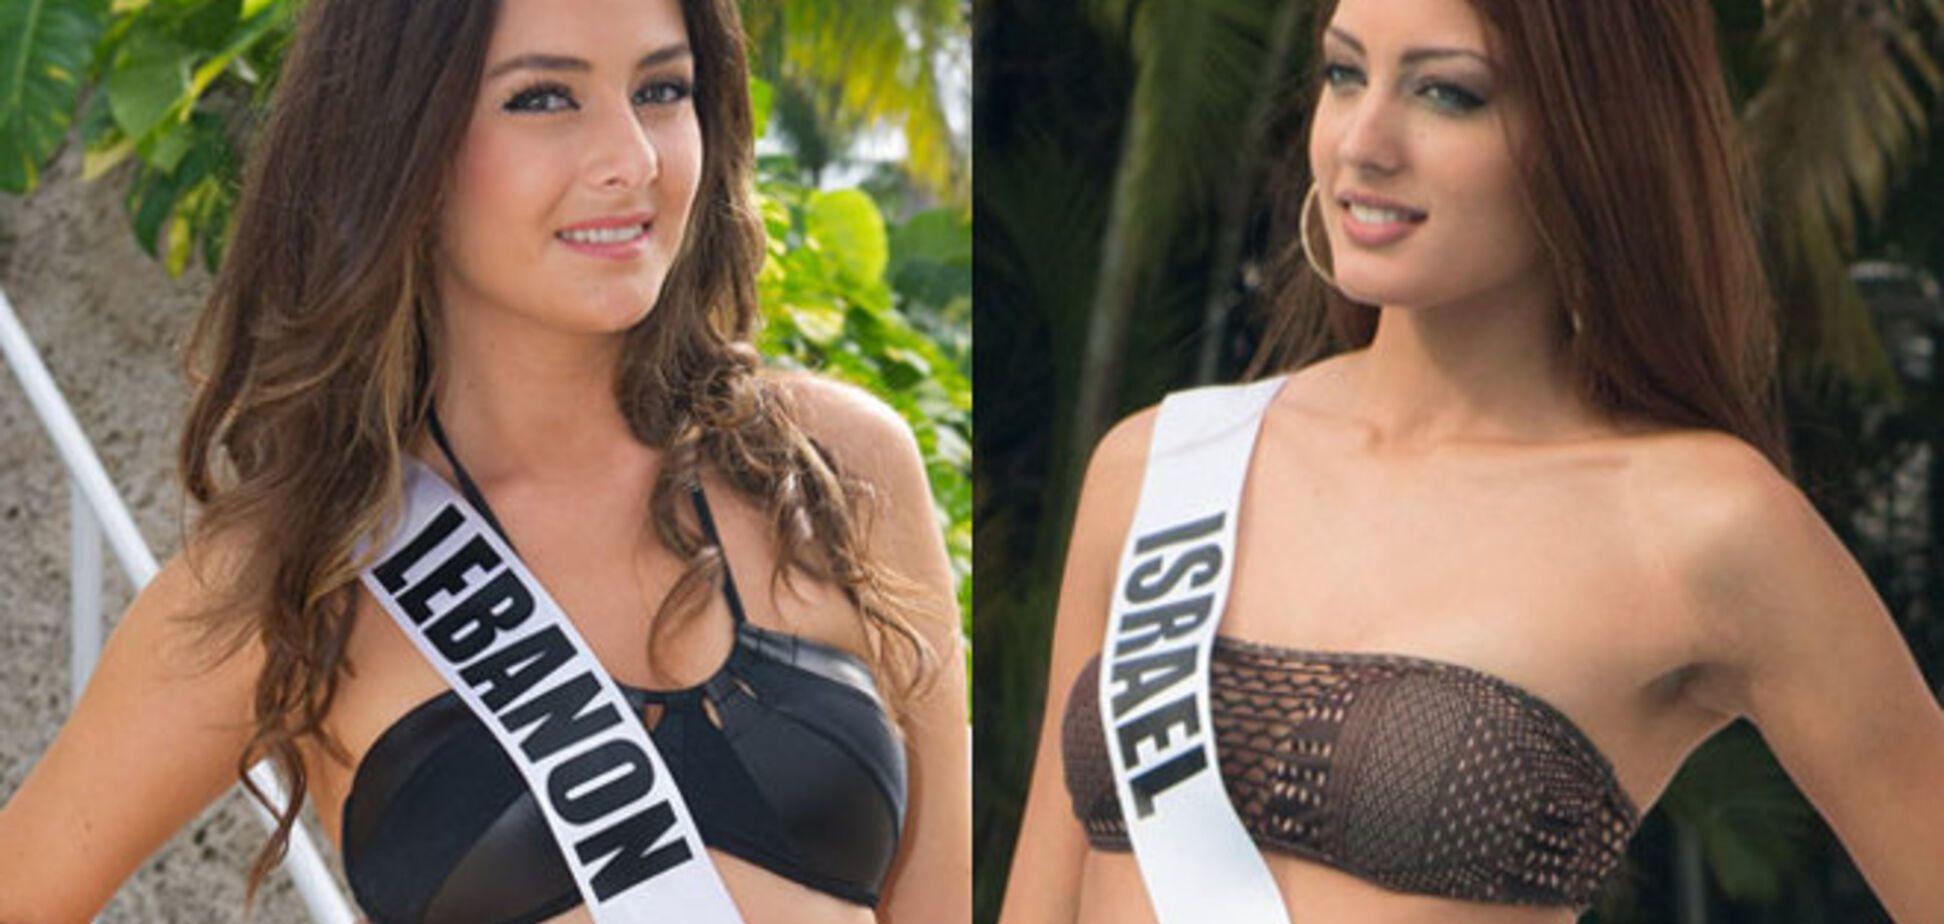 'Фотобомба' на 'Мисс Вселенная': израильтянка снялась вместе с ливанкой